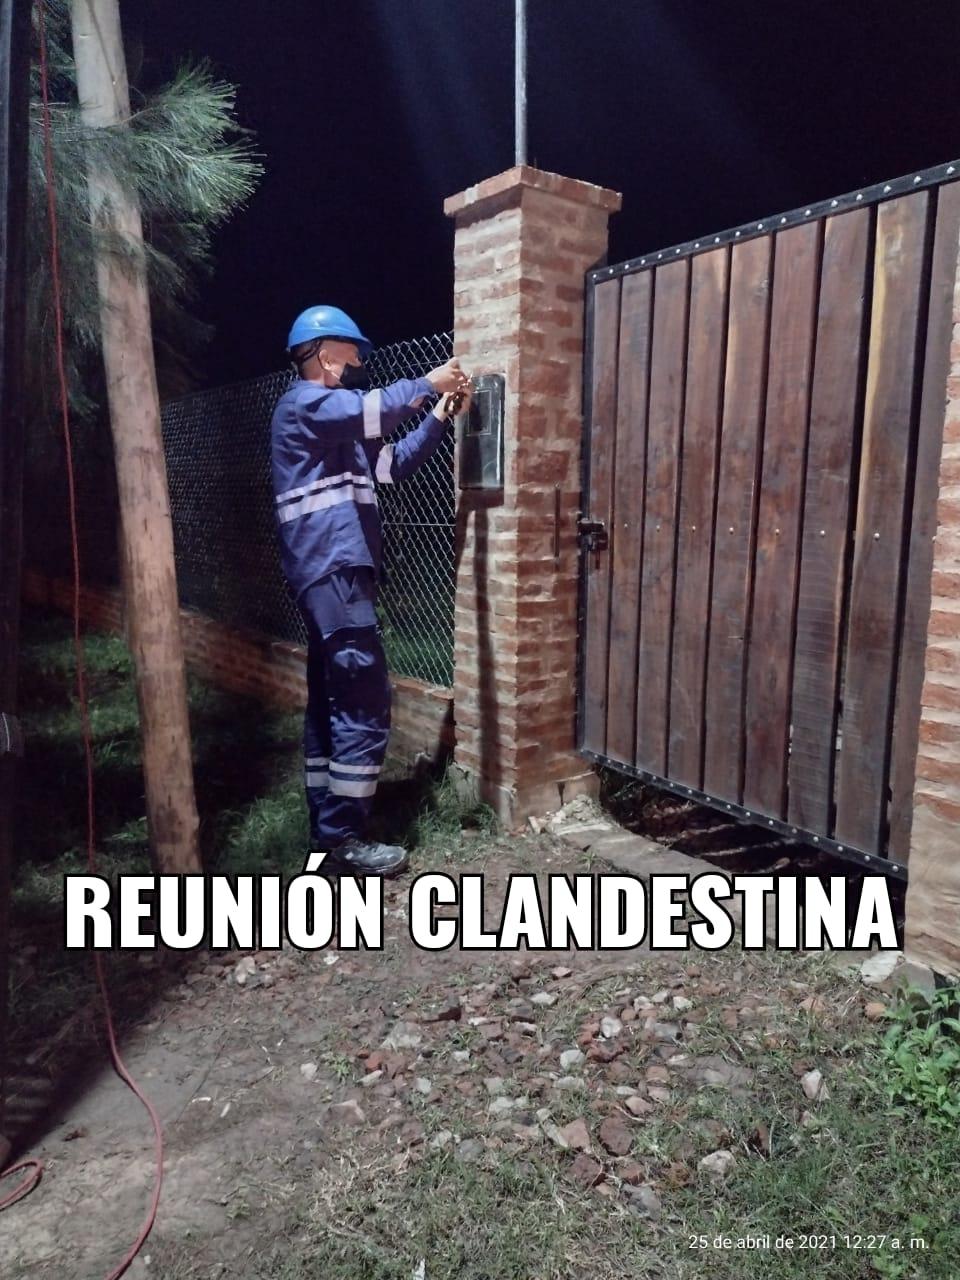 SAN BERNARDO: OPERATIVO POLICIAL DESARTICULA REUNIÓN  CLANDESTINA